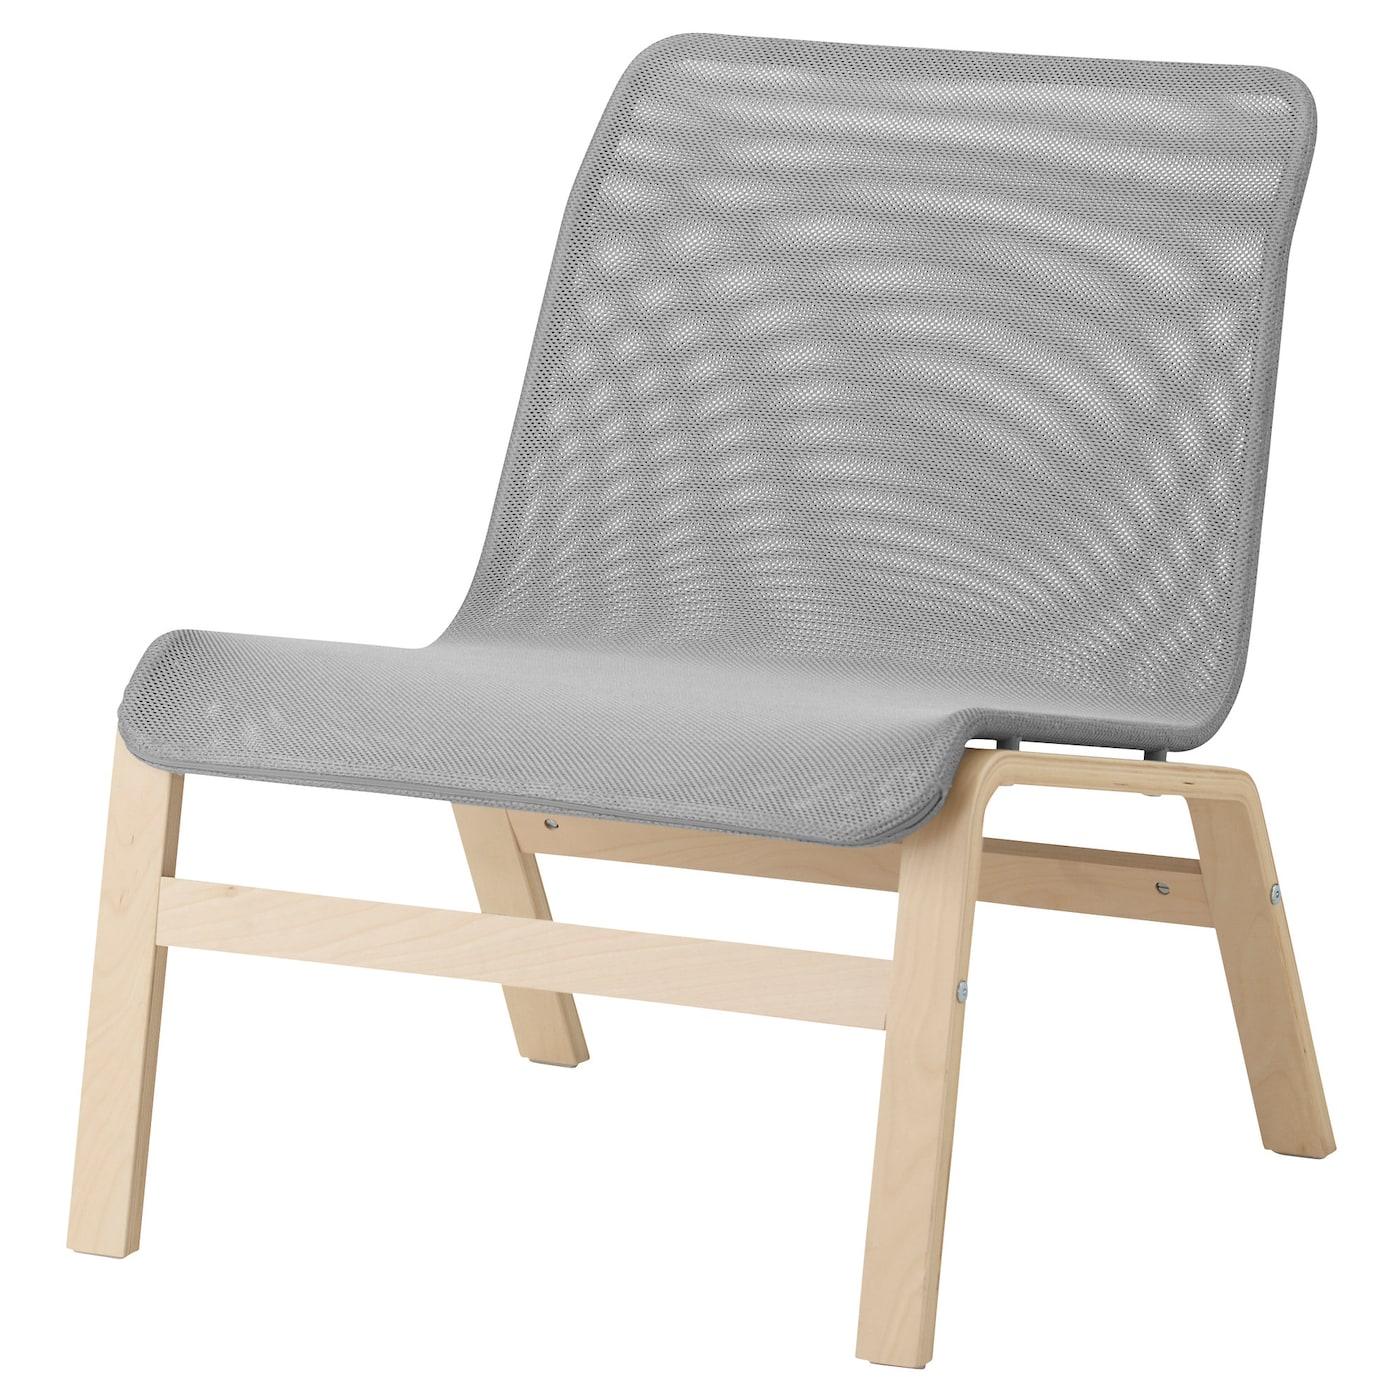 IKEA NOLMYRA fotel w okleinie brzozowej z szarym siedziskiem